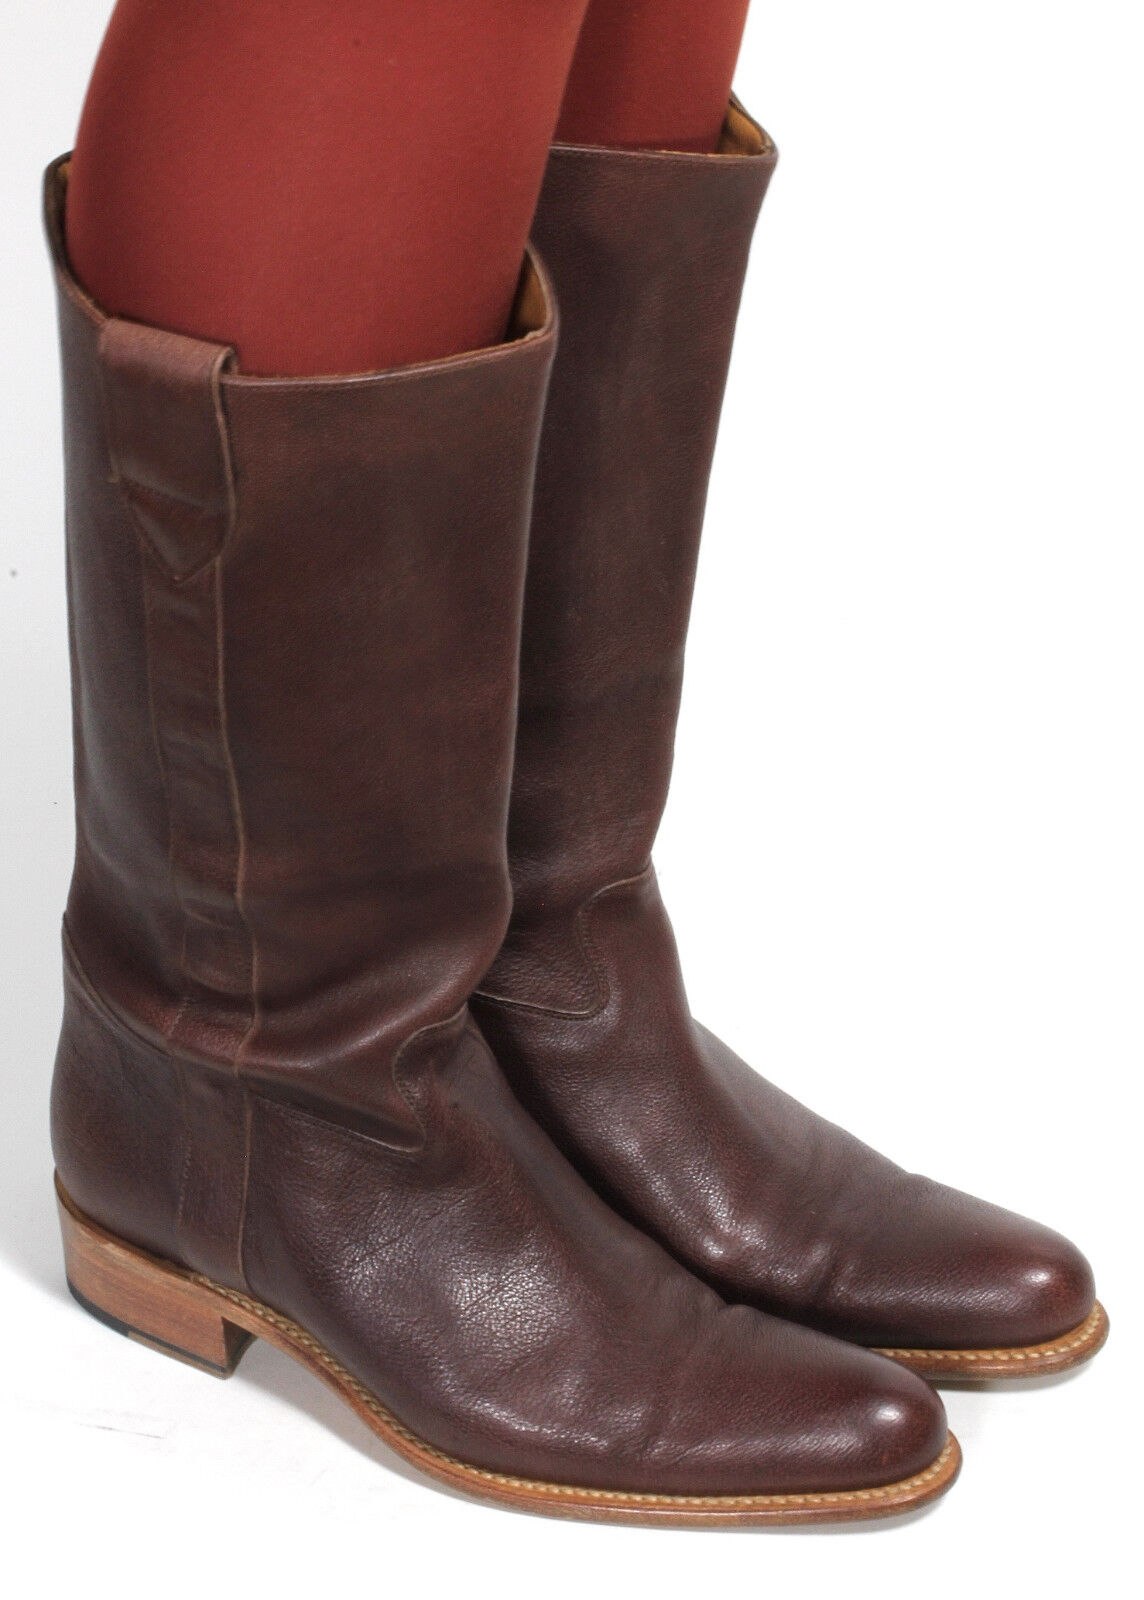 Western botas botas de de de vaquero solchaga style free lance señora botas 38,5 - 39  hasta un 65% de descuento